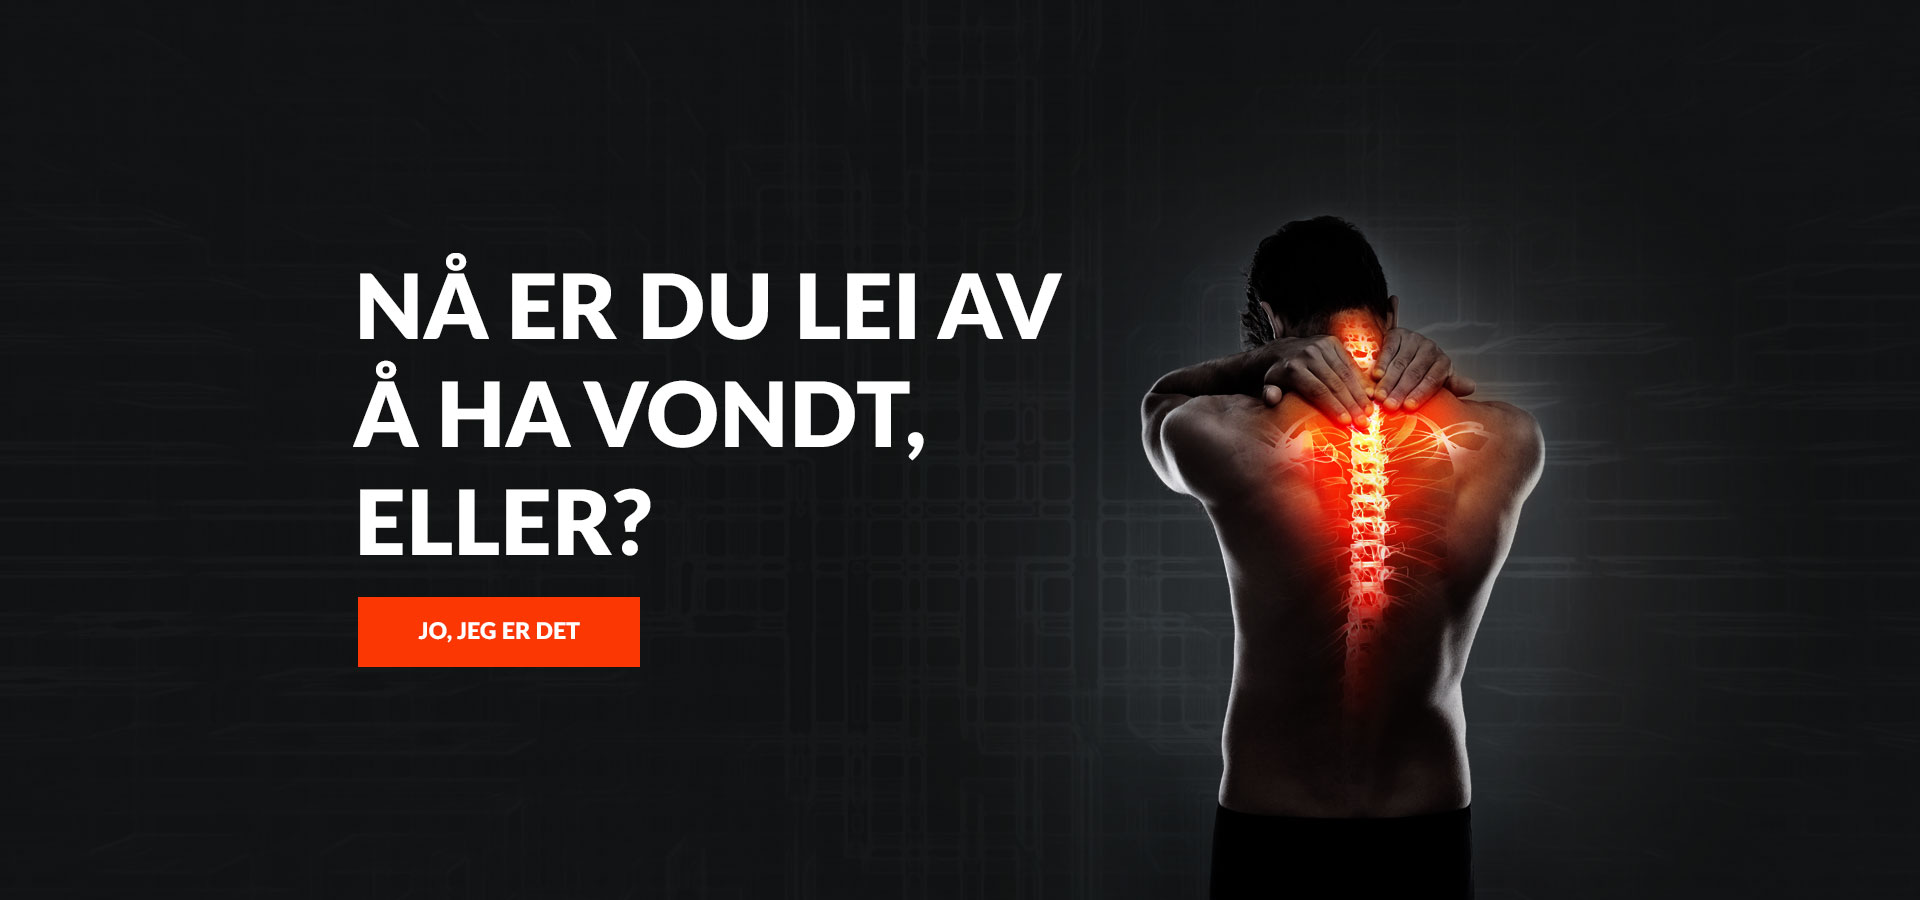 Naprapat Fredrikstad – Nå er du lei av å ha vondt, eller?